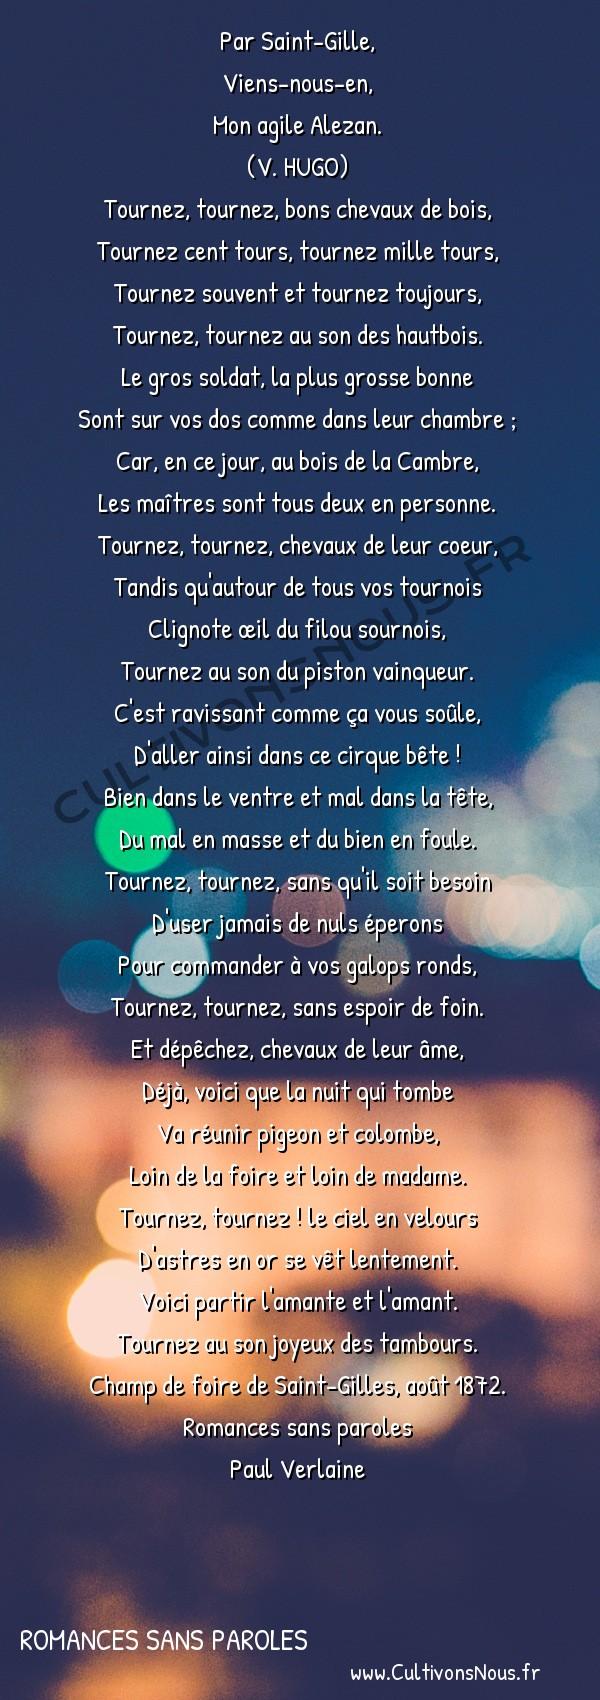 Poésie Paul Verlaine - Romances sans paroles - Chevaux de bois -  Par Saint-Gille, Viens-nous-en,